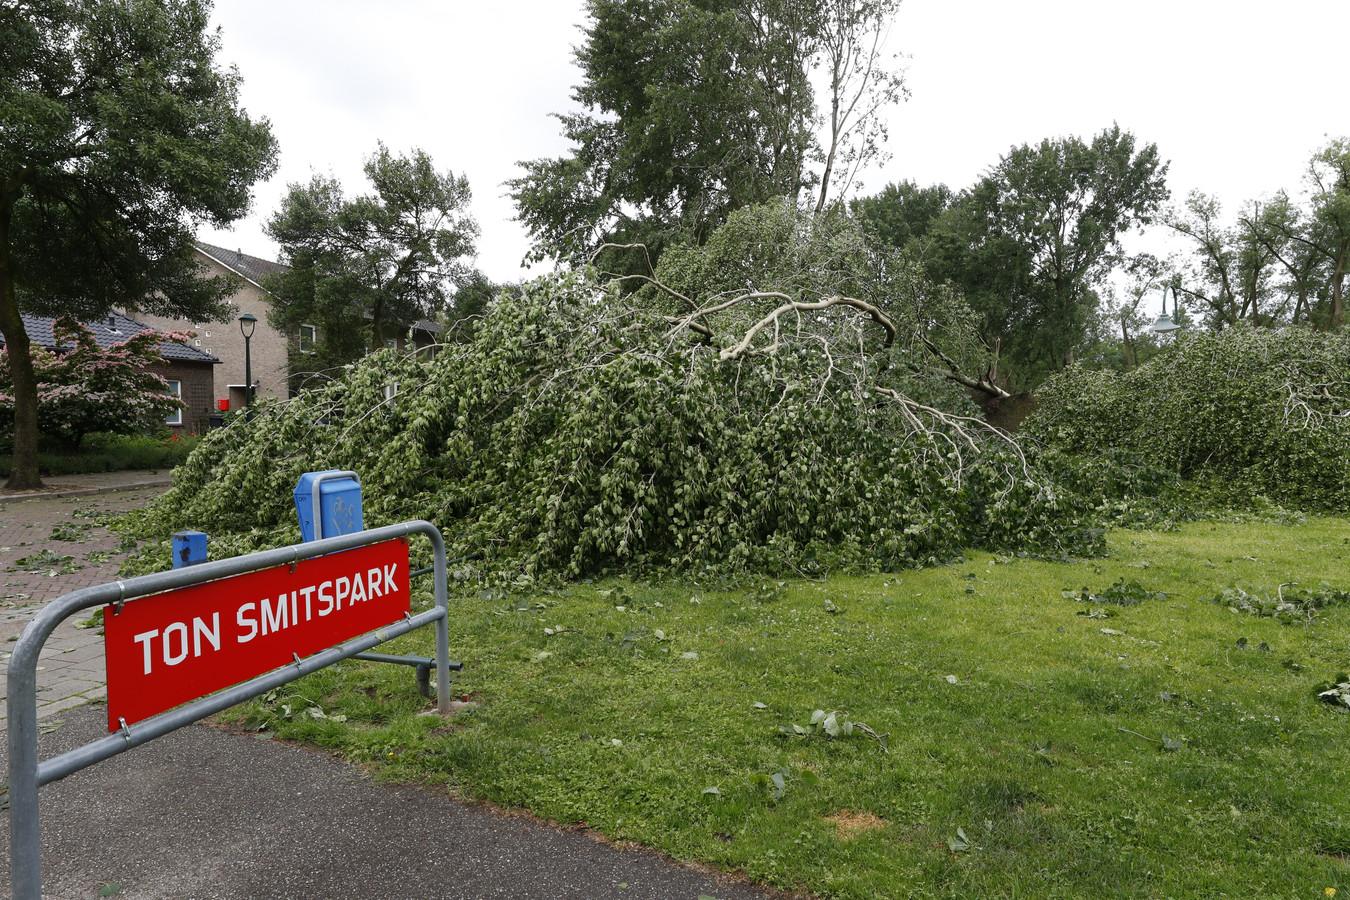 Ton Smitspark in Eindhoven